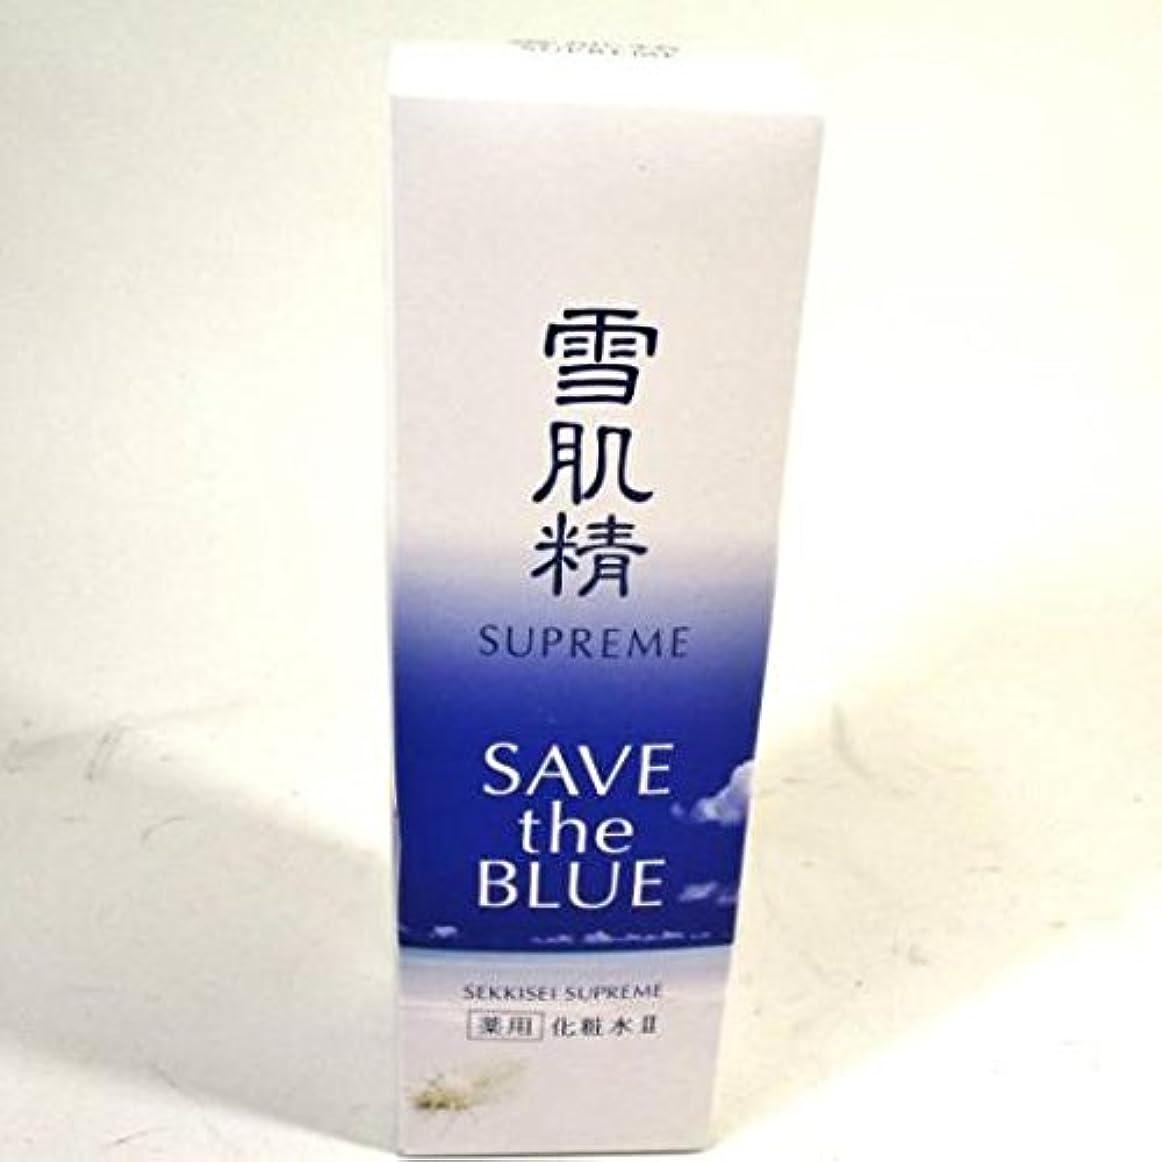 コーセー 雪肌精 シュープレム 化粧水 Ⅱ 「SAVE the BLUE」 400ml